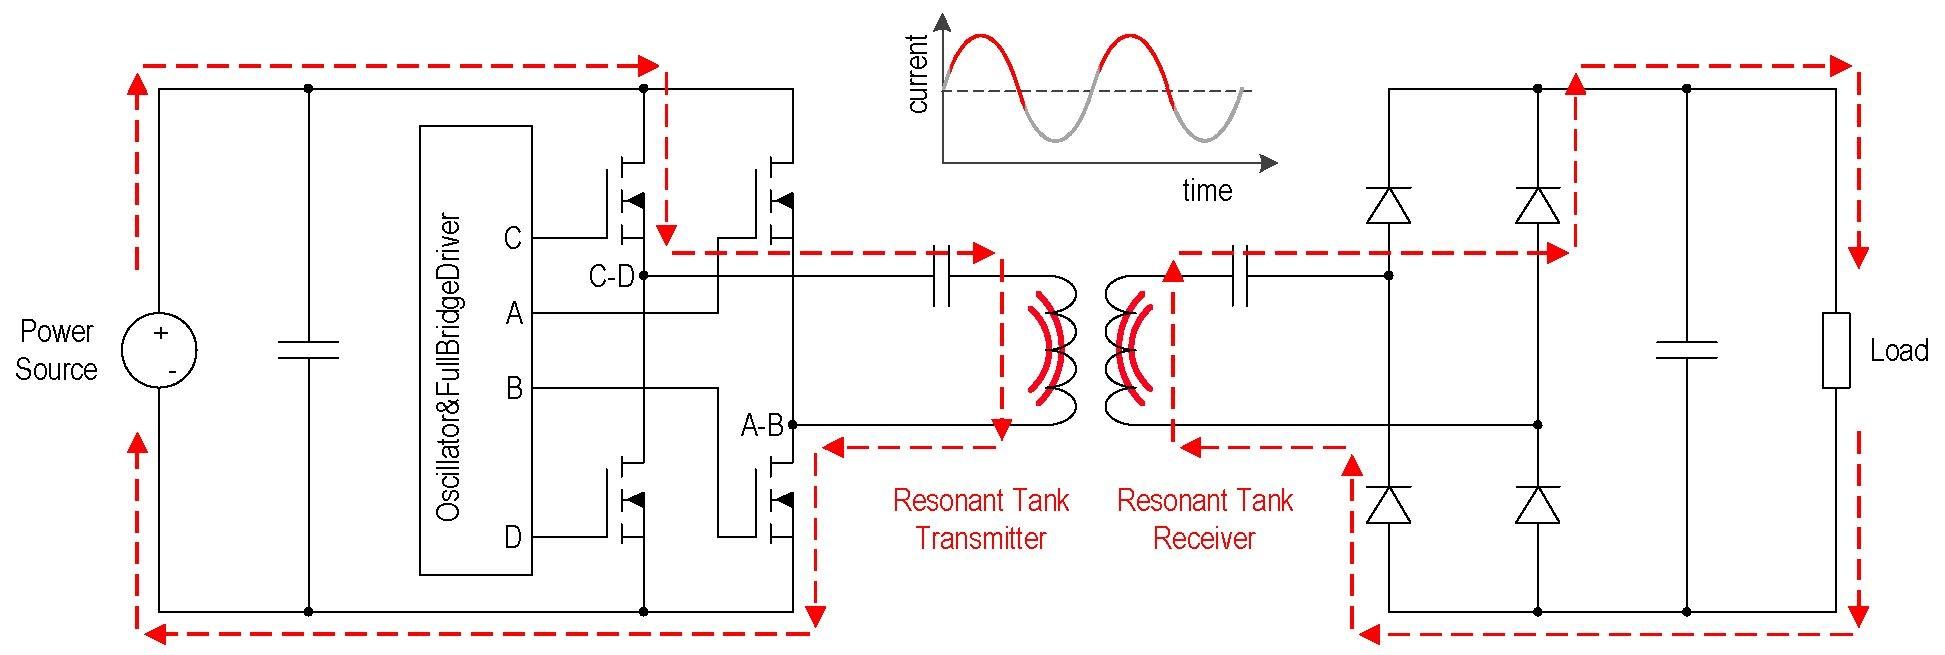 谐振电路中正半波 (ICR/LR) 期间的能量传递原理